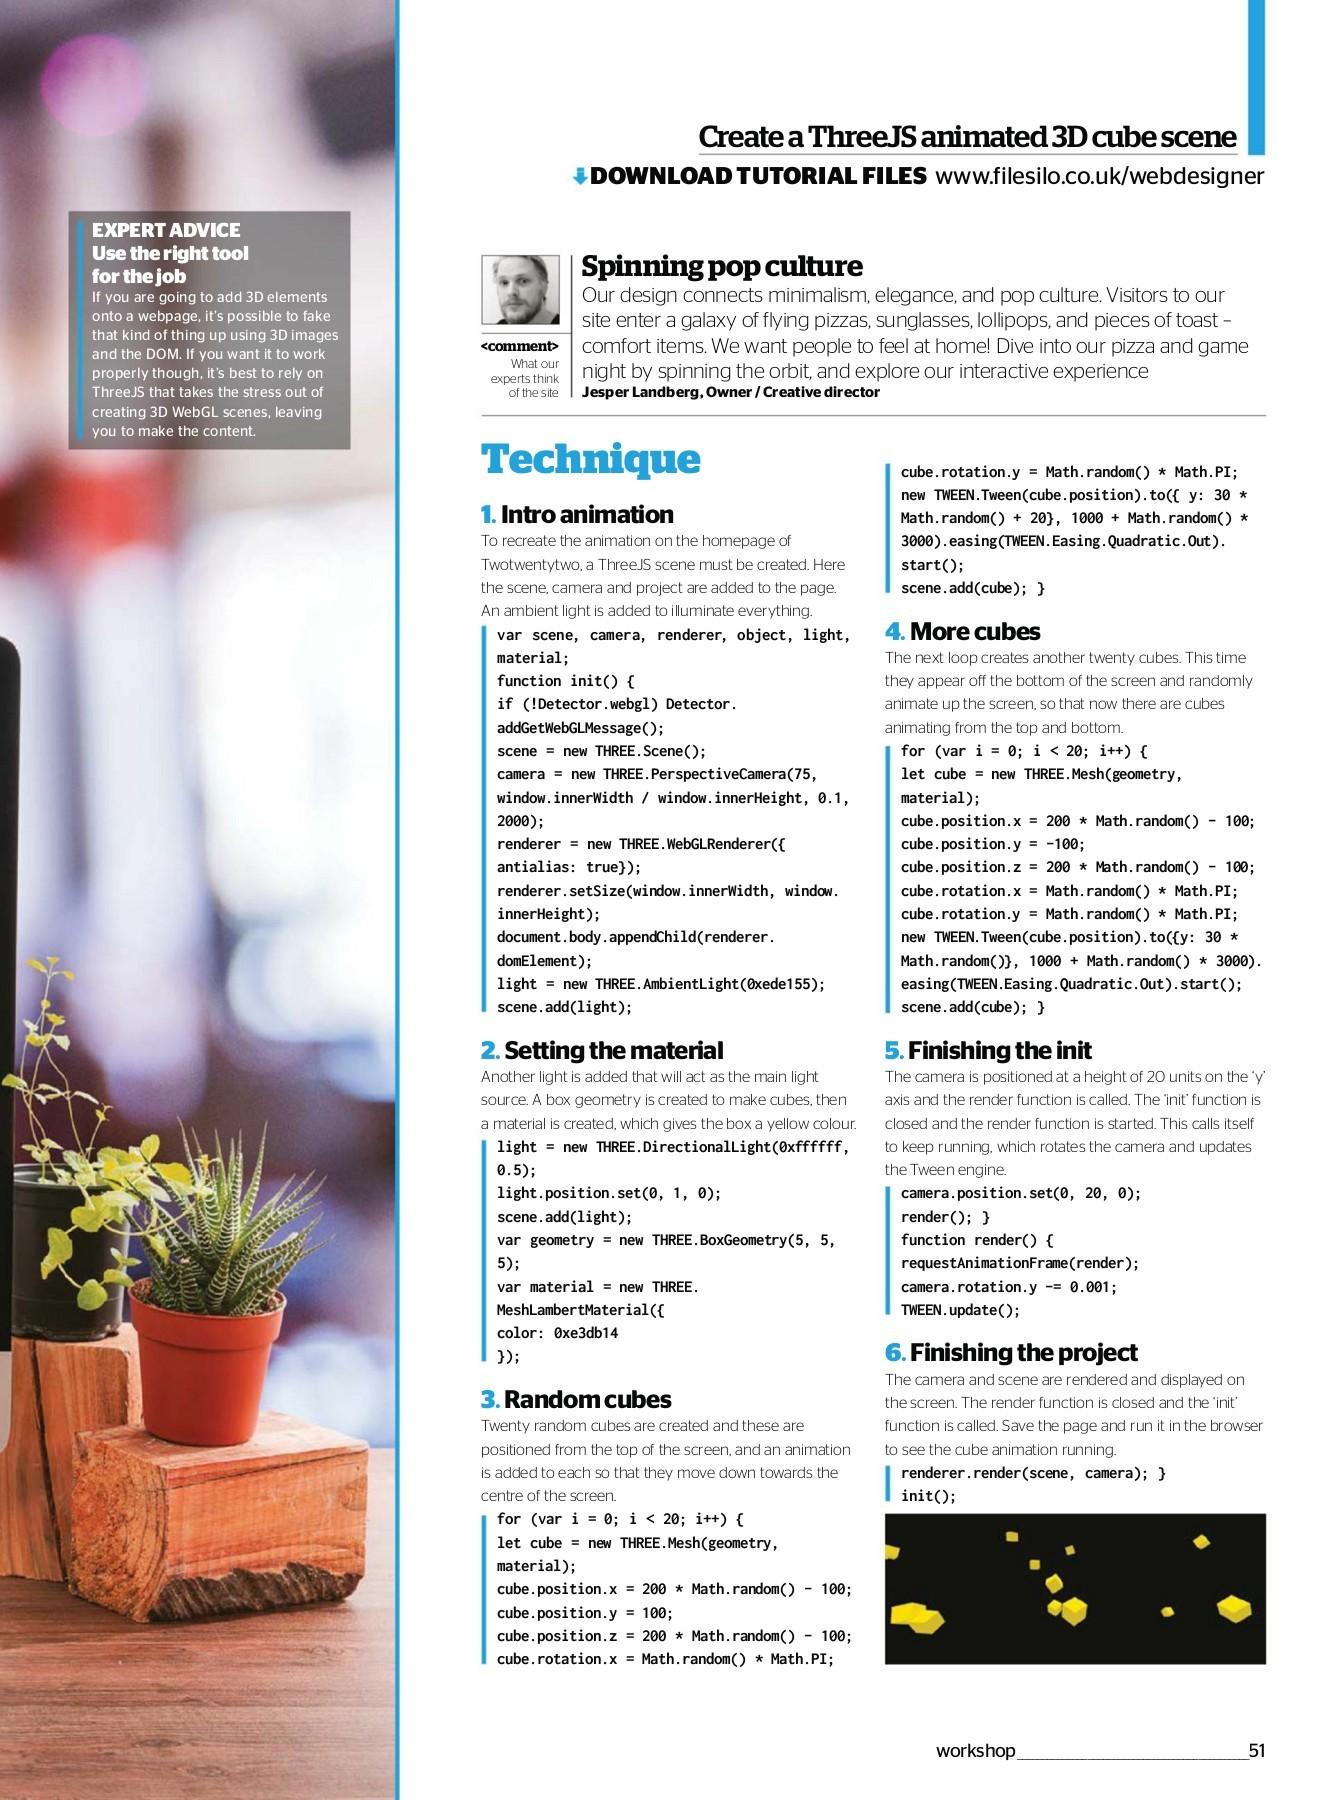 Web Designer Jul 2018 Flip Book Pages 51 100 Pubhtml5